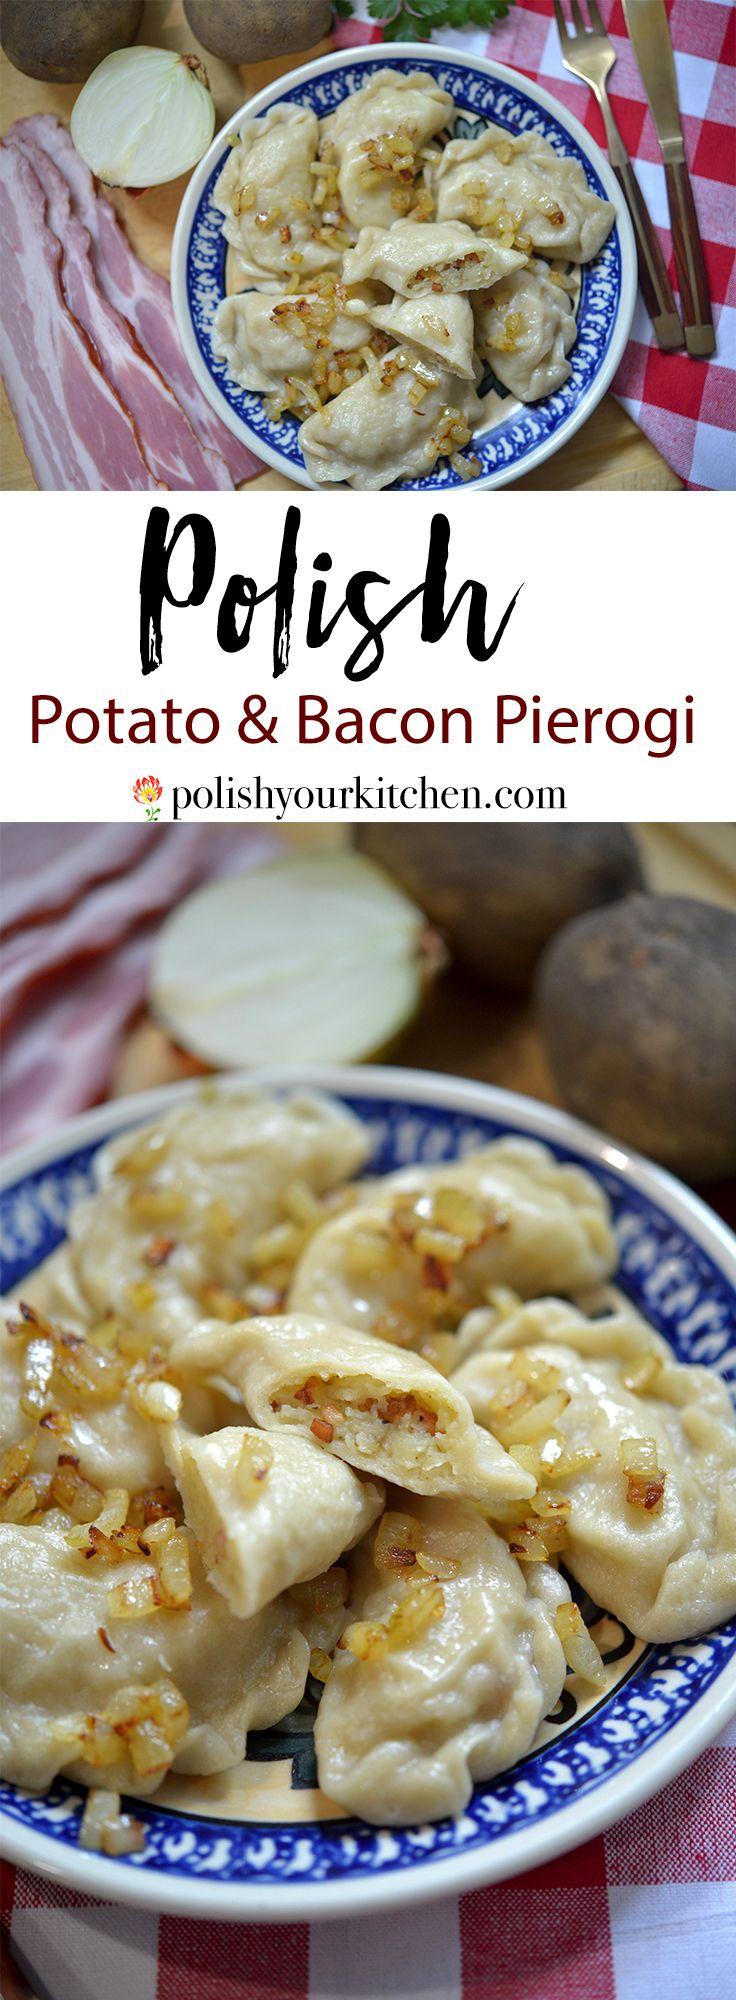 Authentic Polish Potato and Bacon Pierogi